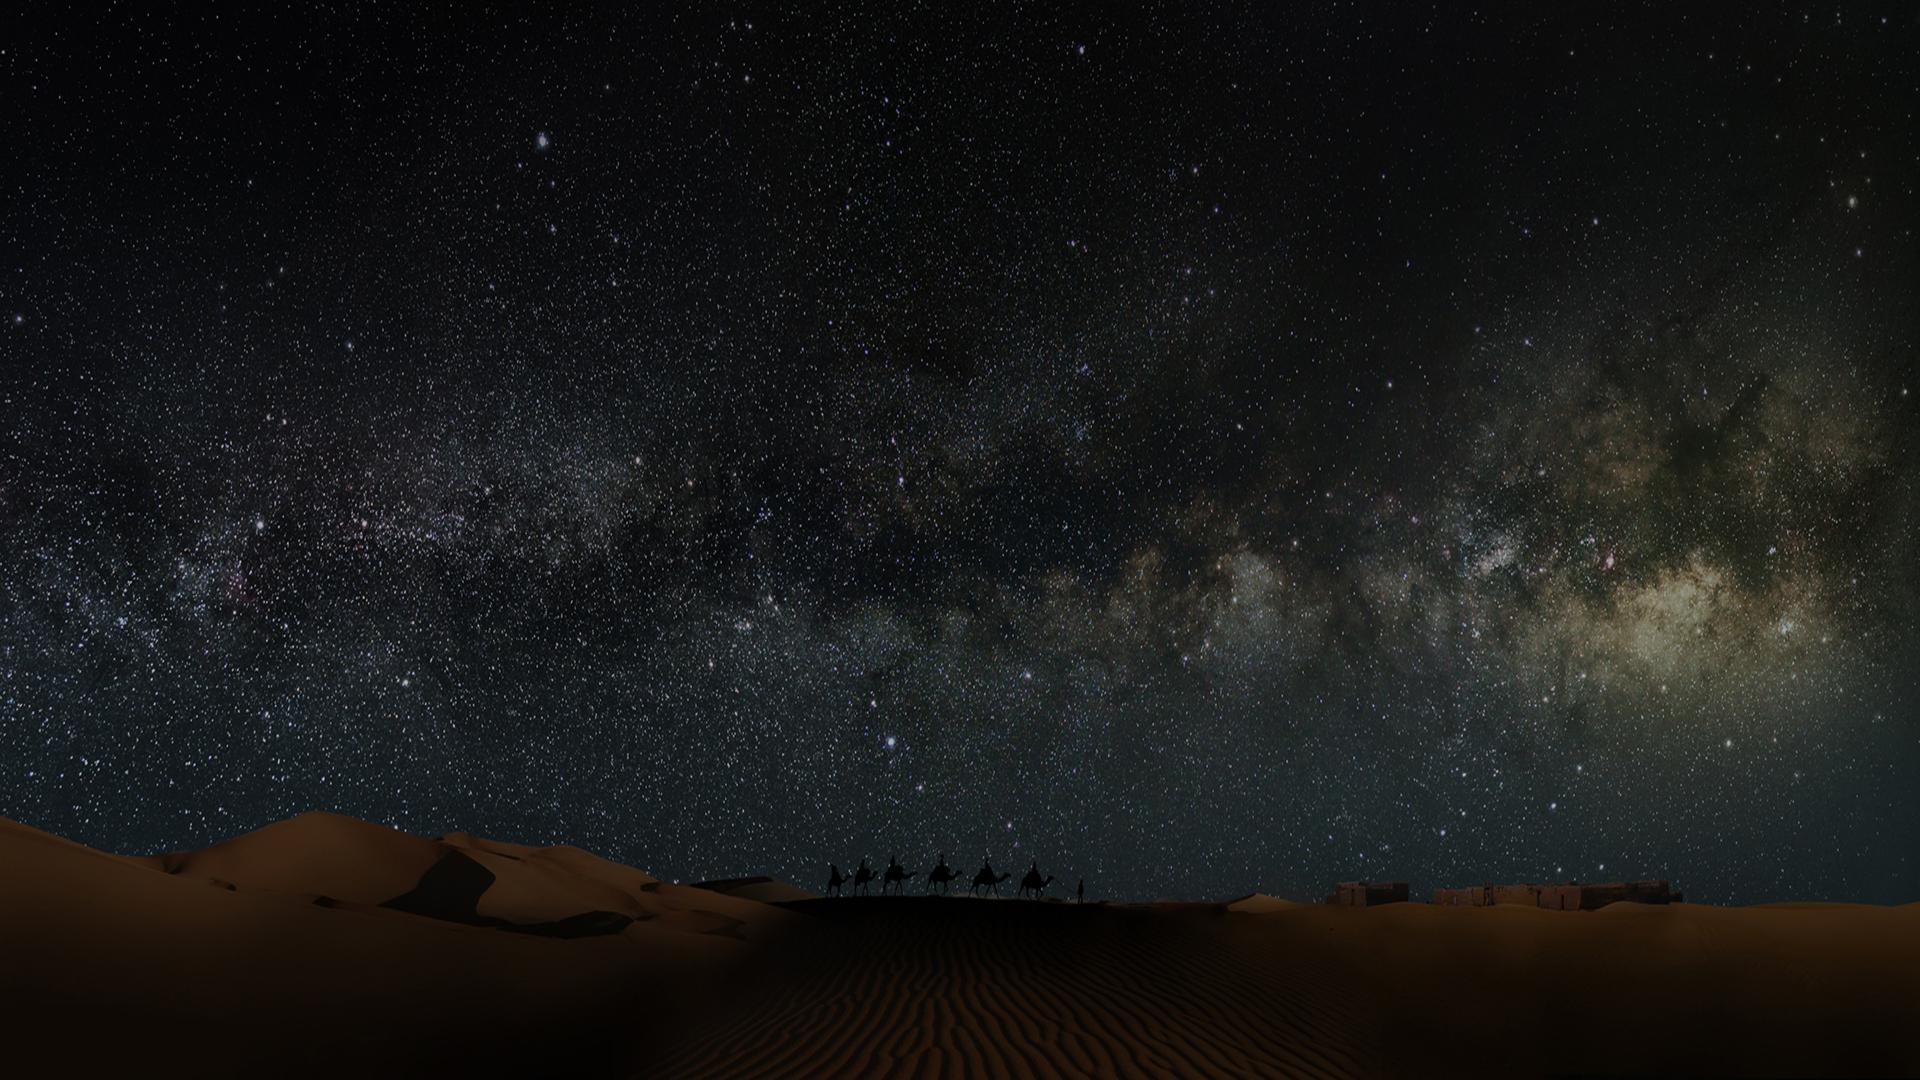 Desert At Night Wallpaper Posted By John Peltier